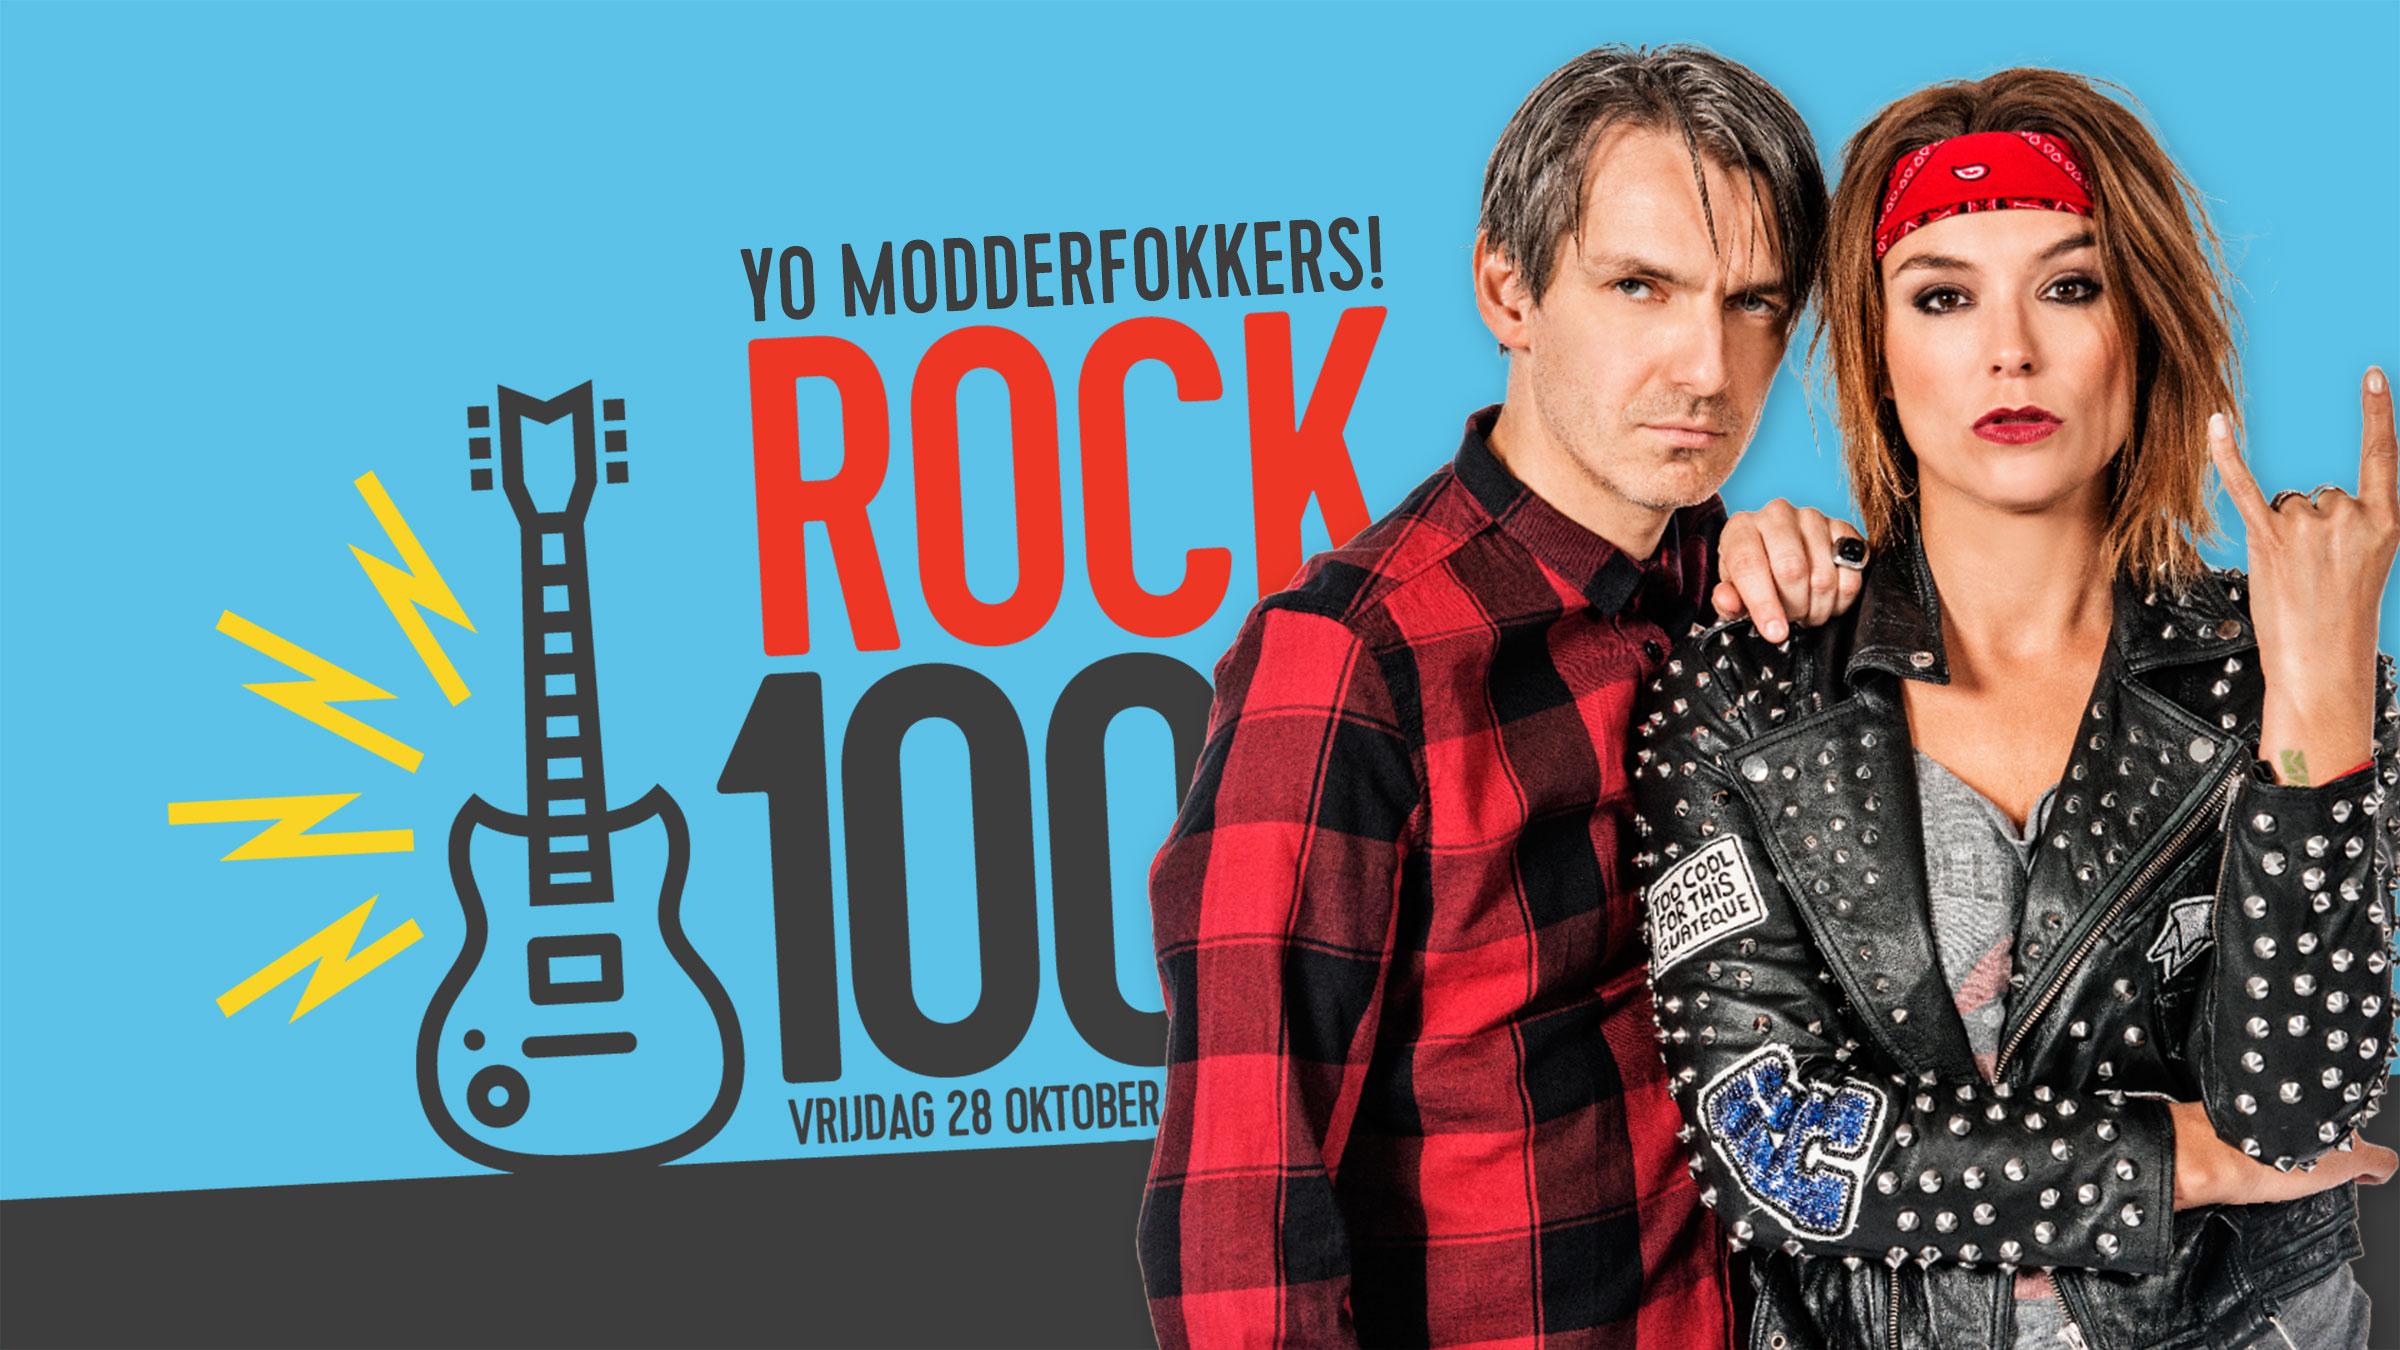 Q rock100 16x9 modderfokkers